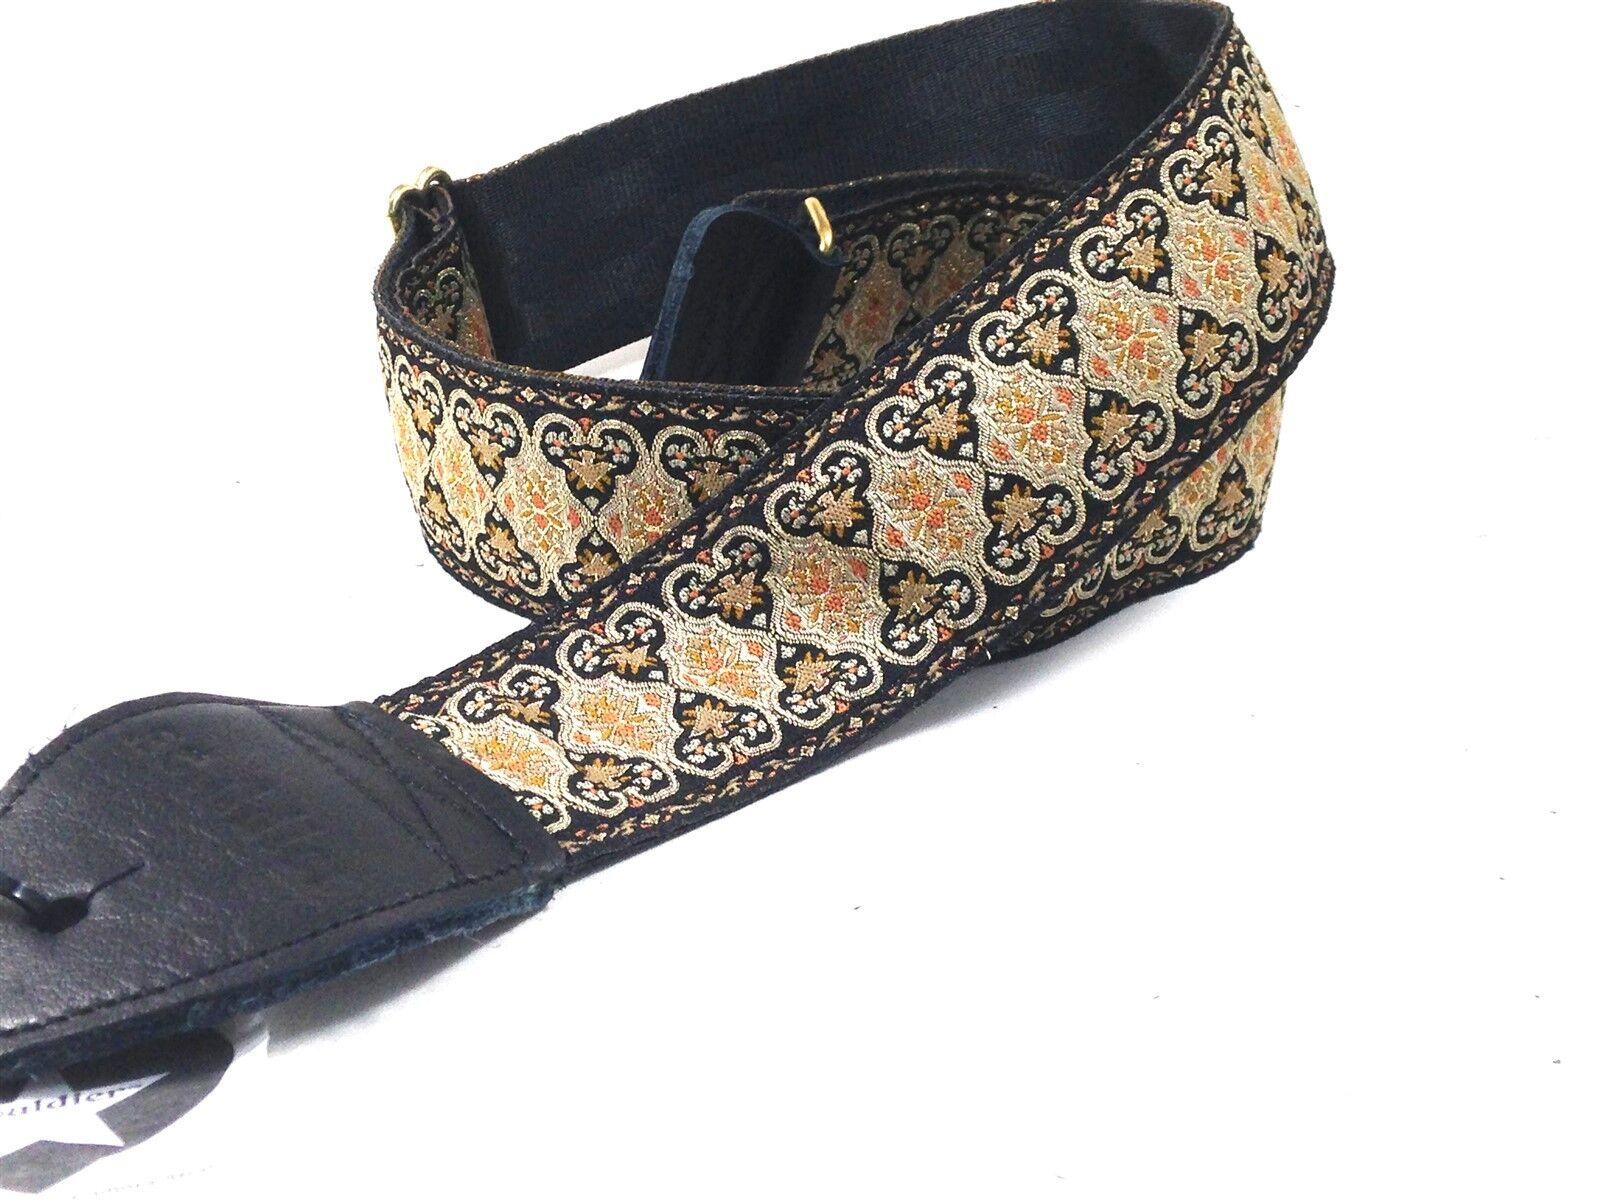 Souldier 2 Persian Black Guitar Strap